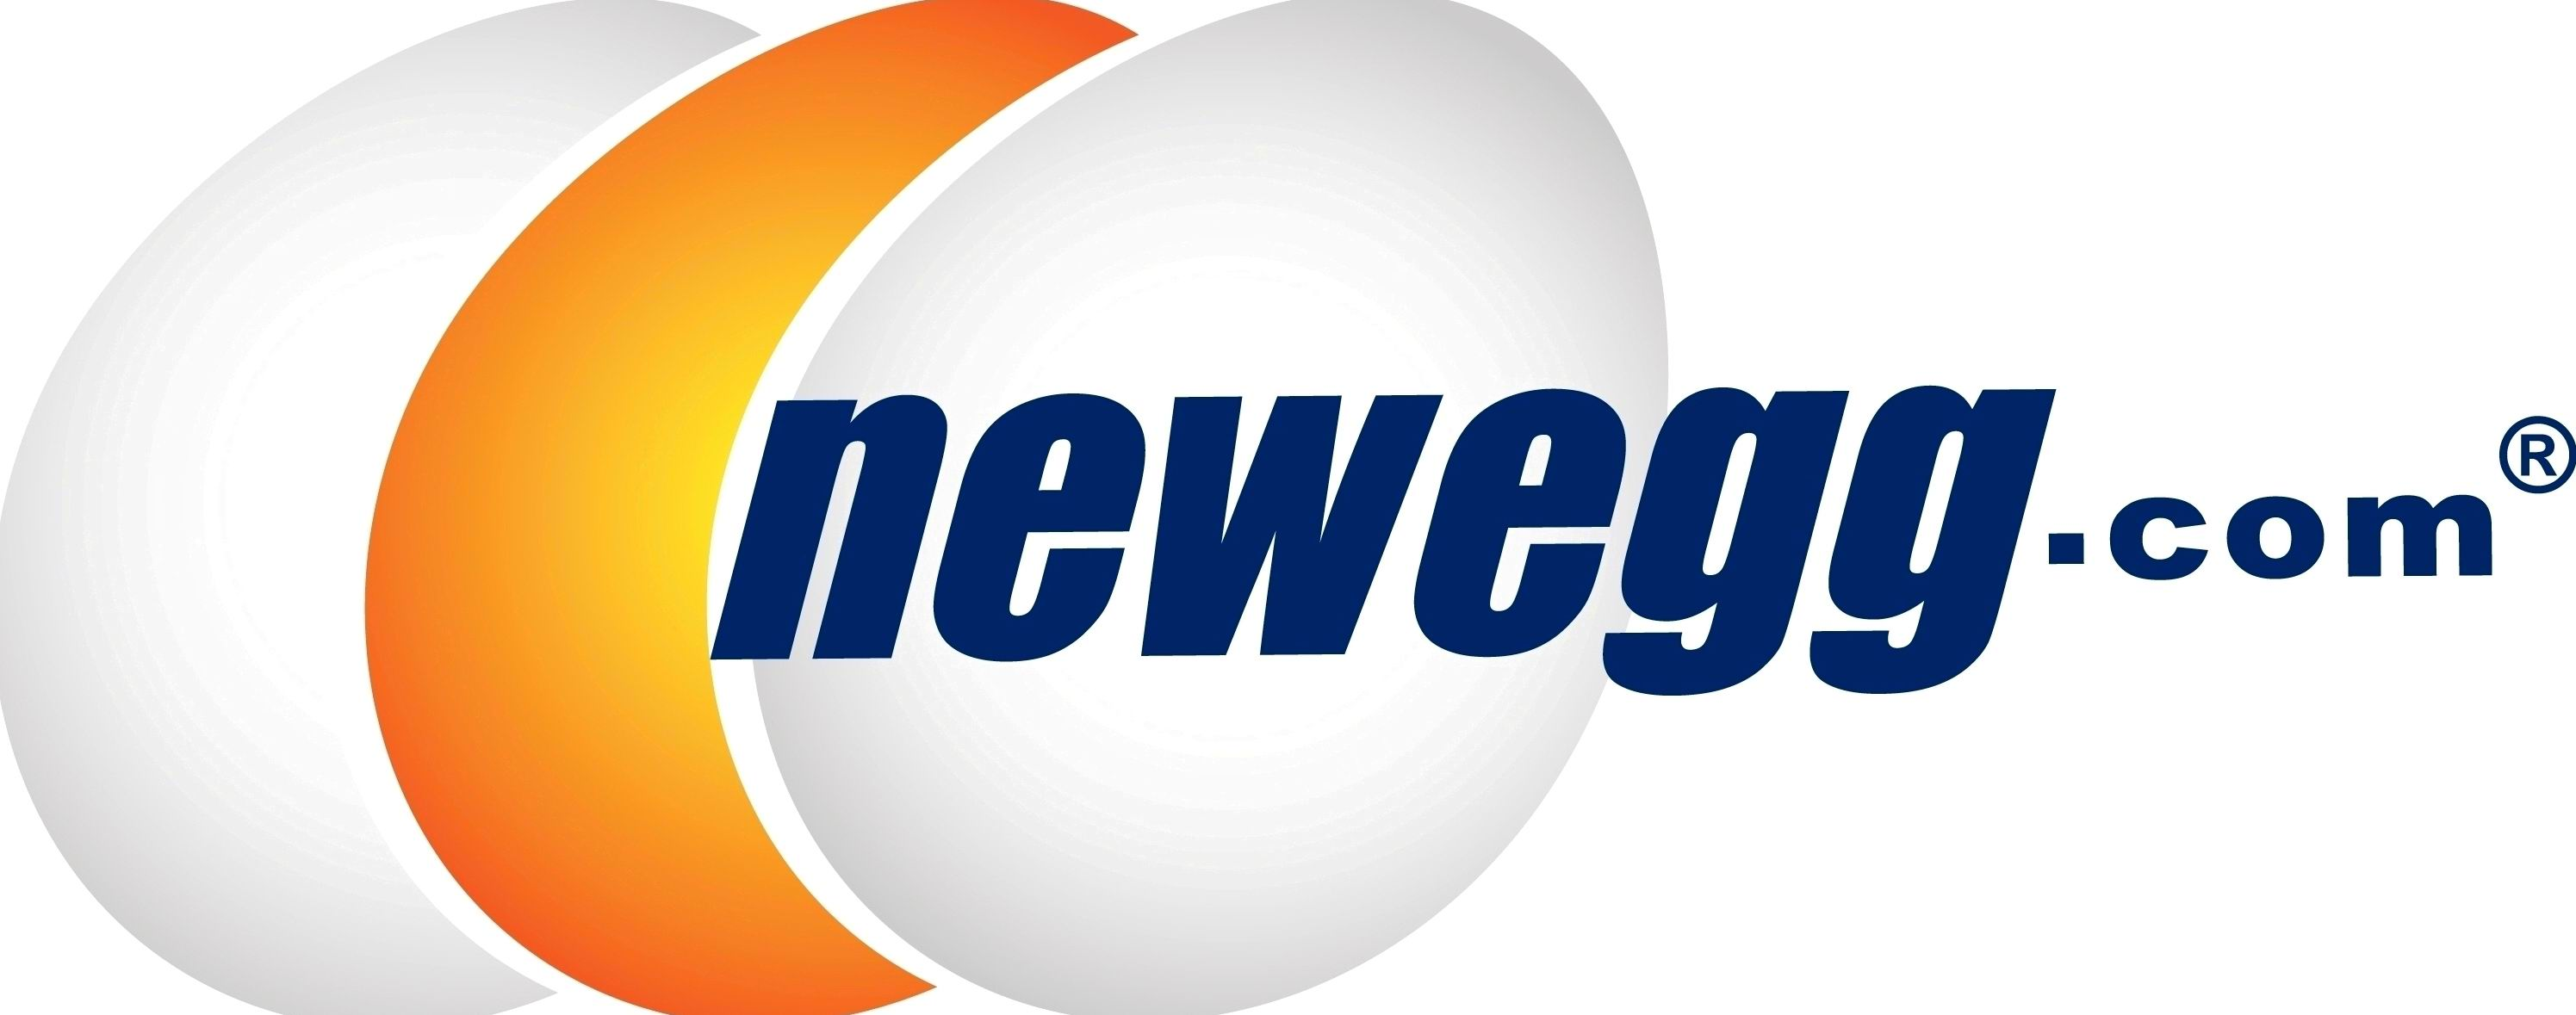 Newegg com Promo & Coupon Codes Feb 2019 50% Off